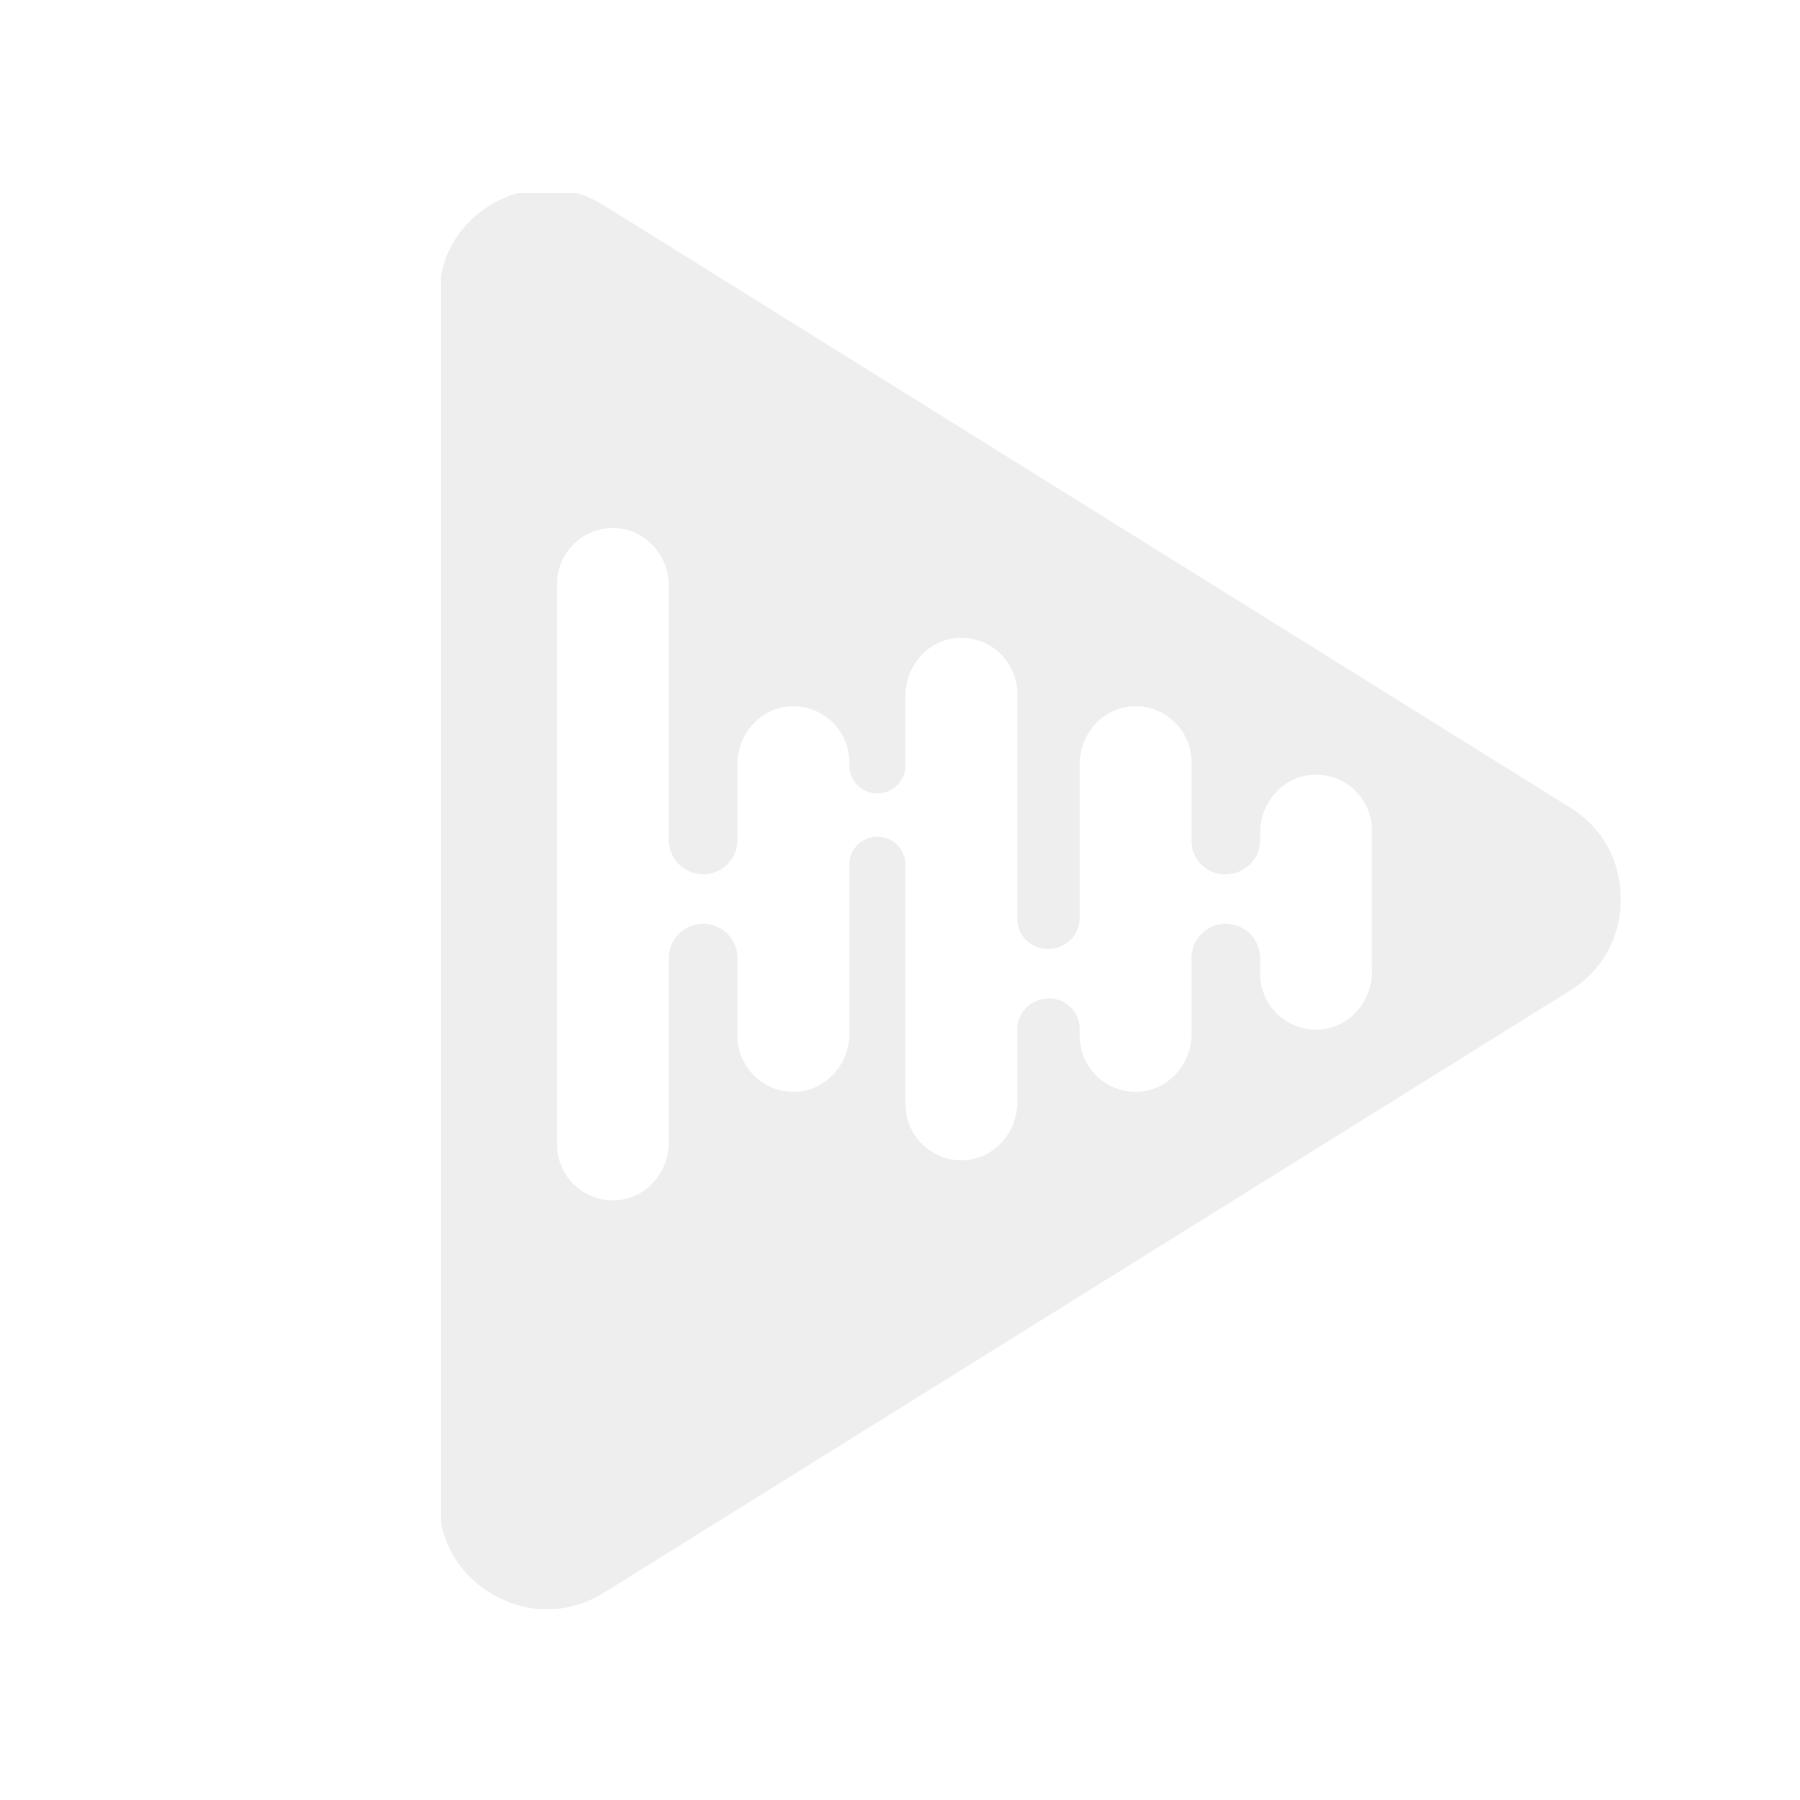 Hertz Mille Pro MP 25.3